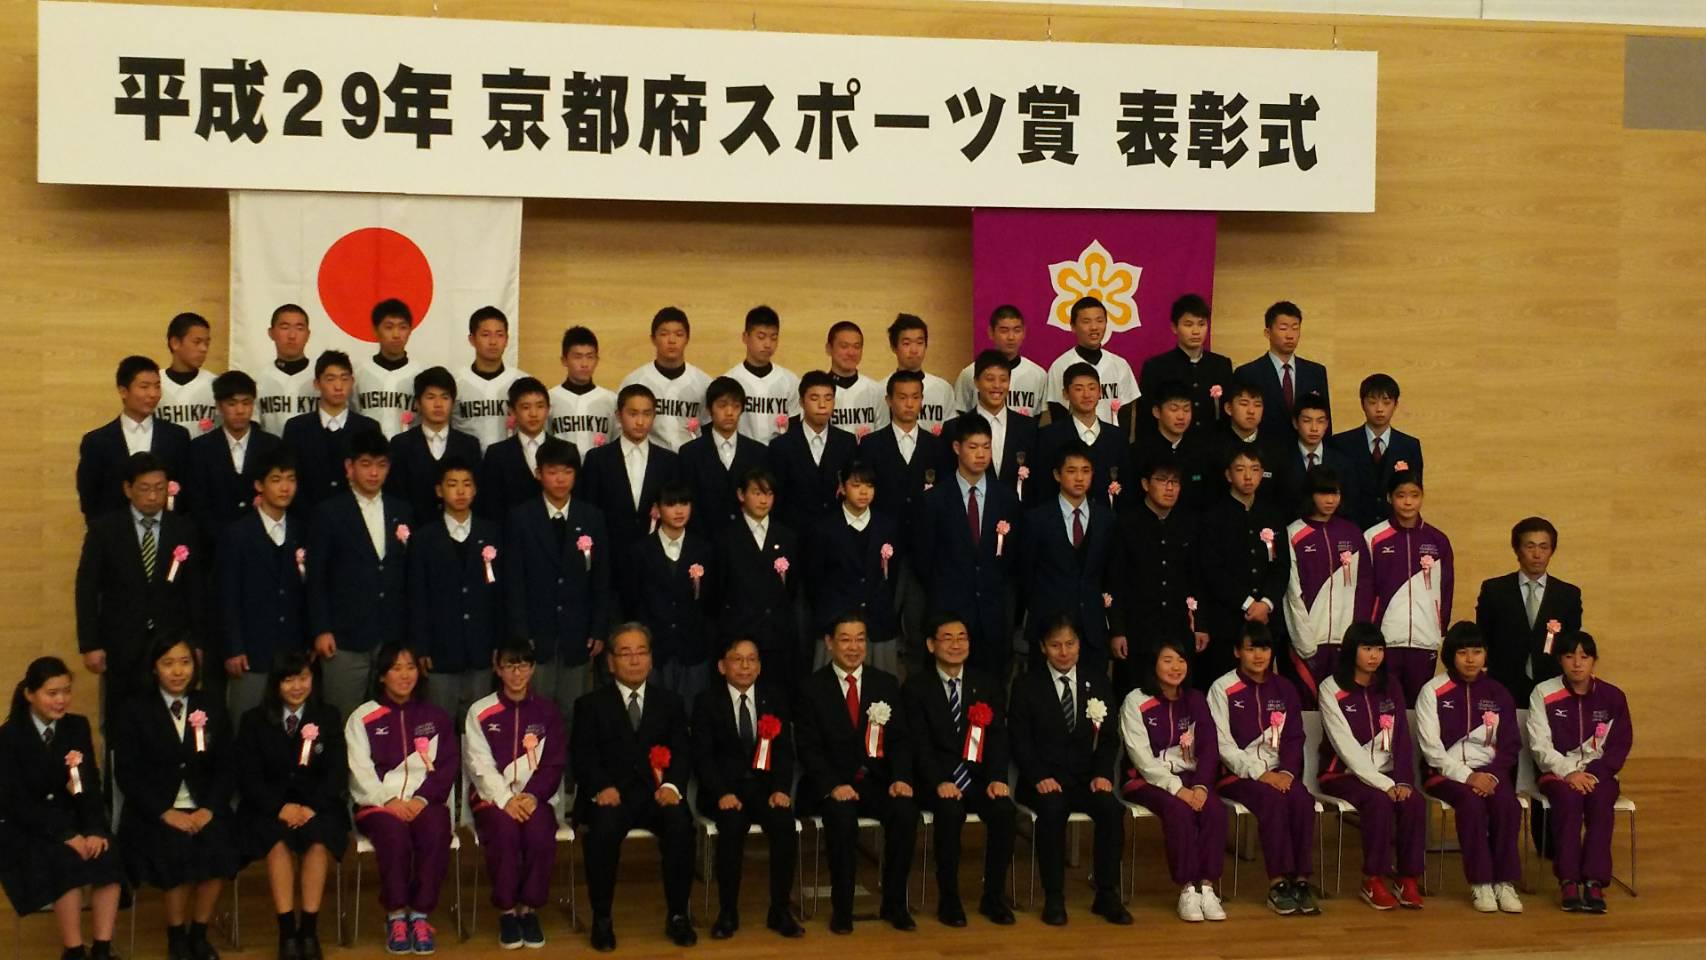 平成29年 京都府スポーツ賞(未来くん賞)